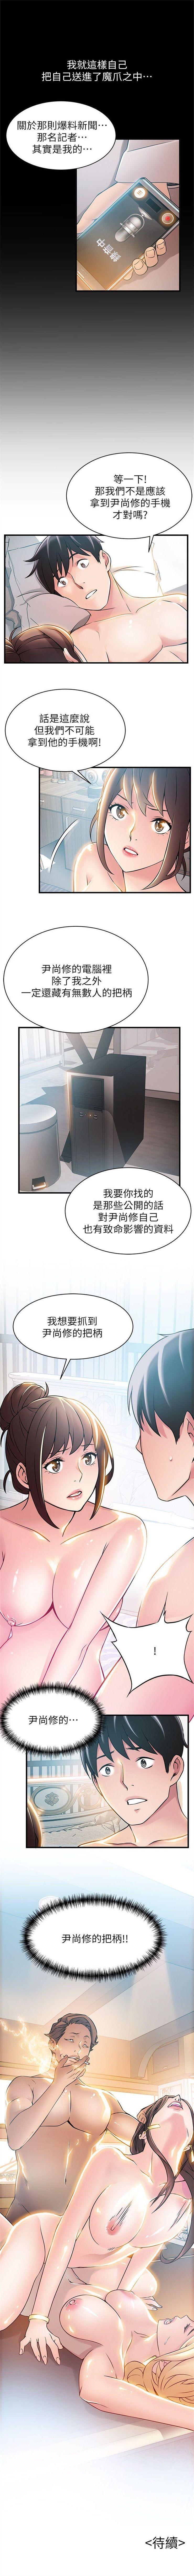 (週7)弱點 1-76 中文翻譯(更新中) 139